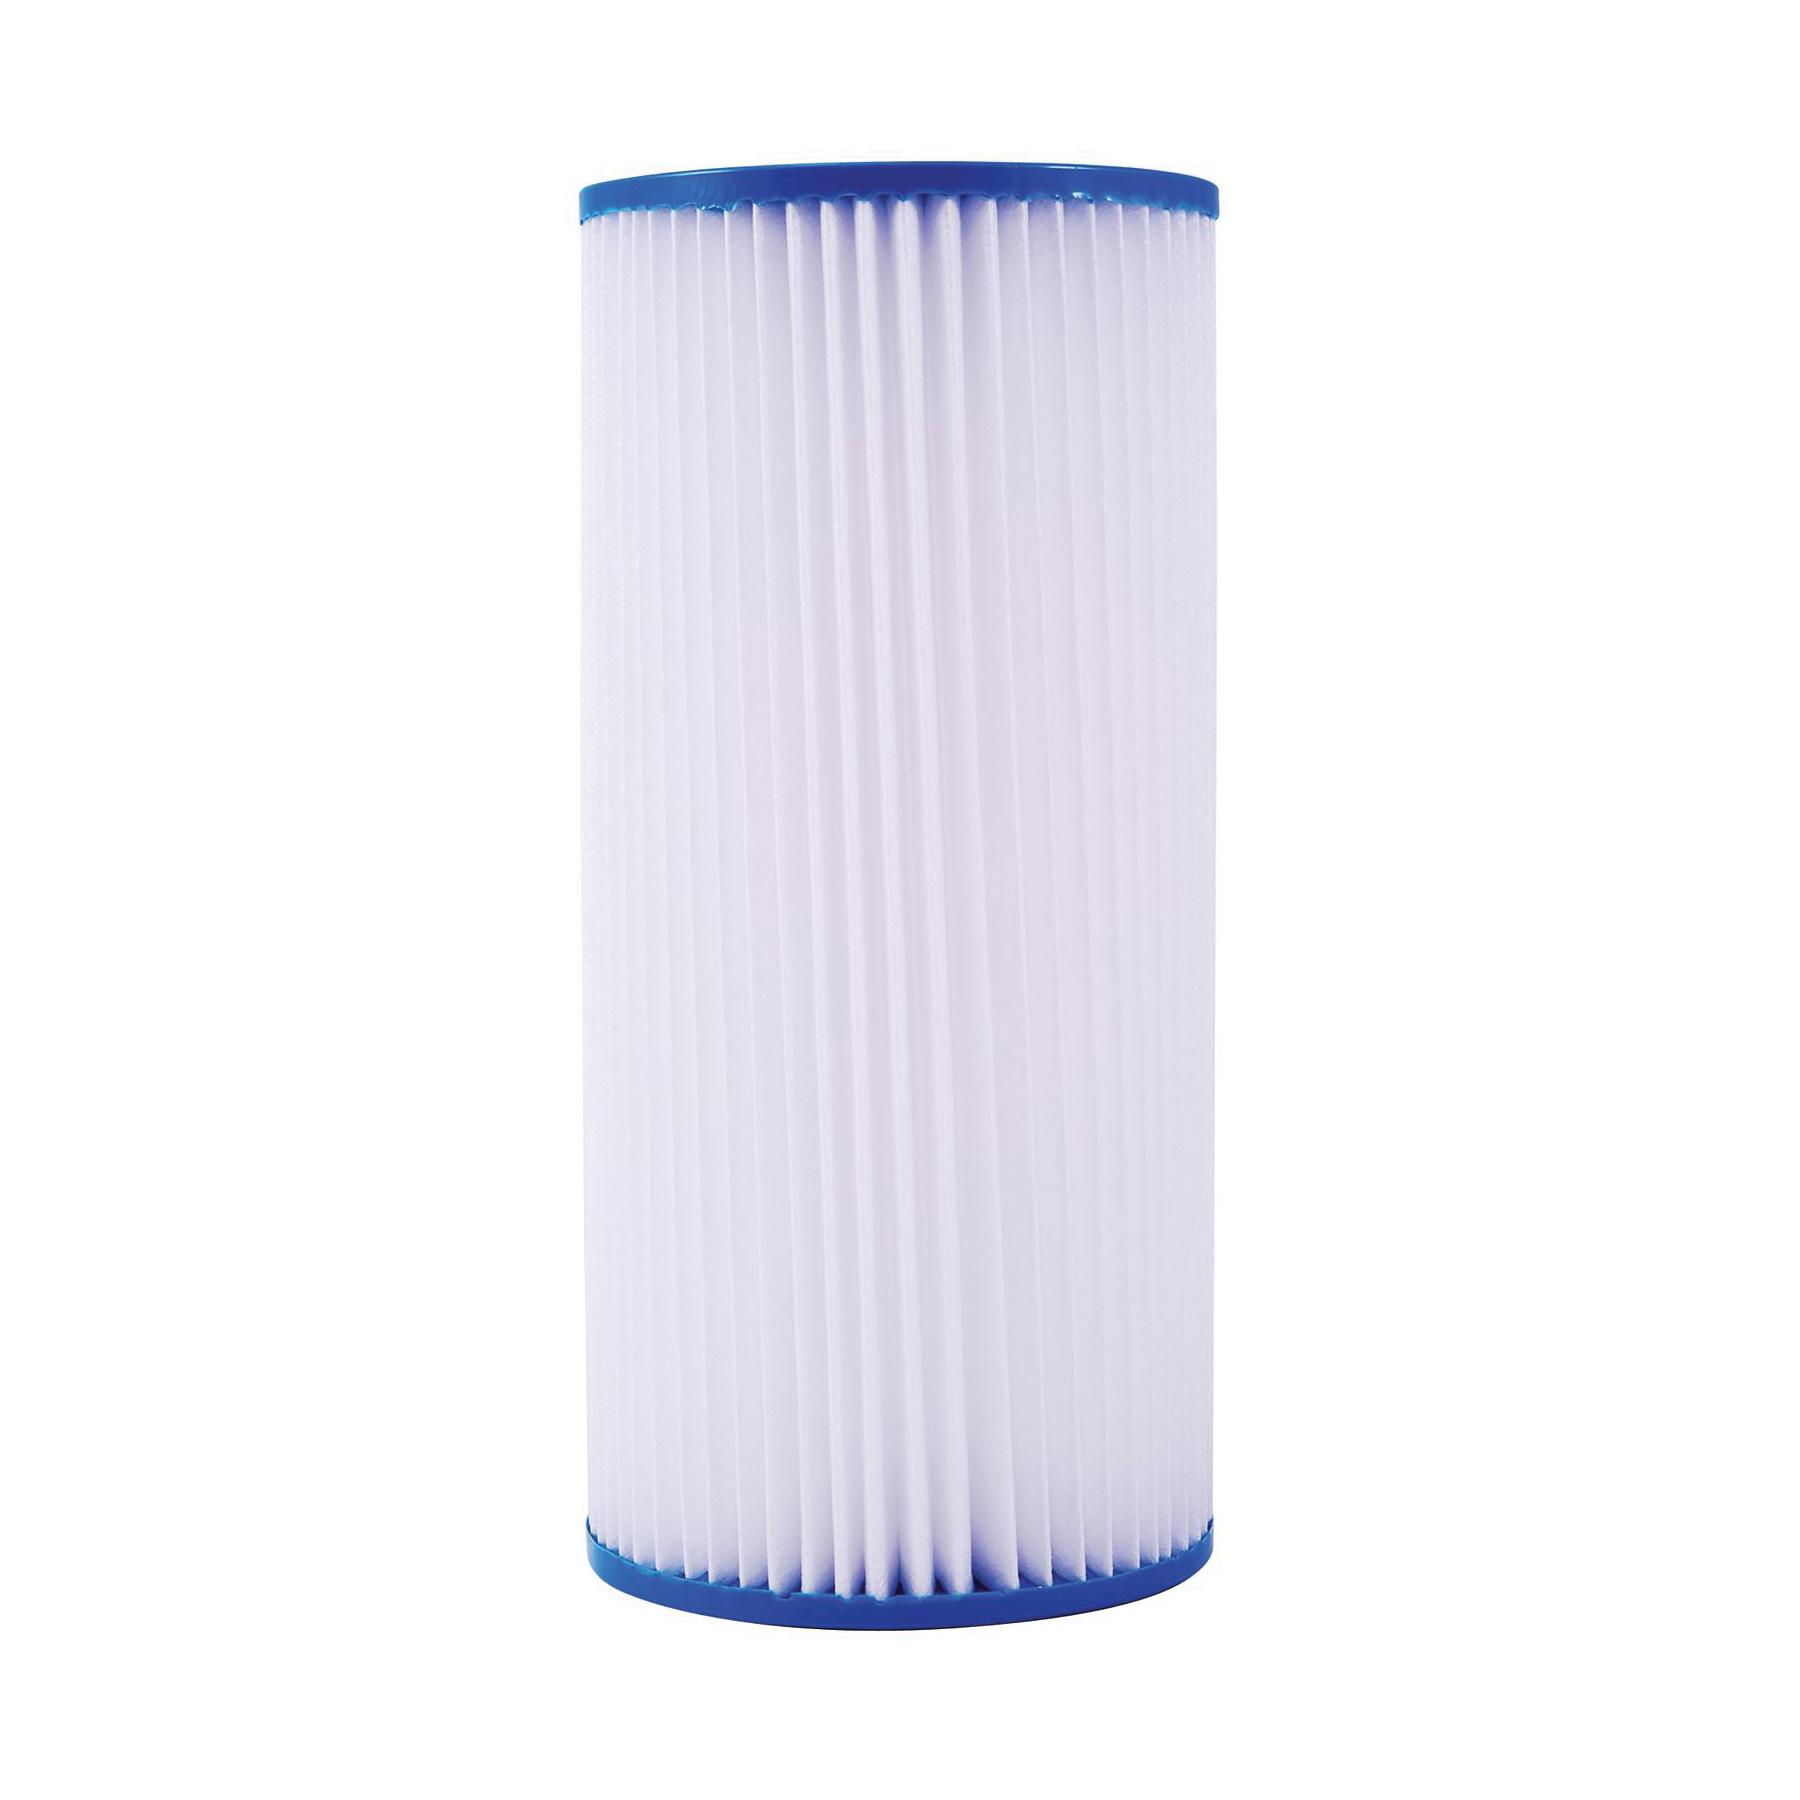 WATTS® PWPL20FF Lead Free Full Flow Pleated Filter Cartridge, 20 in L, Polypropylene